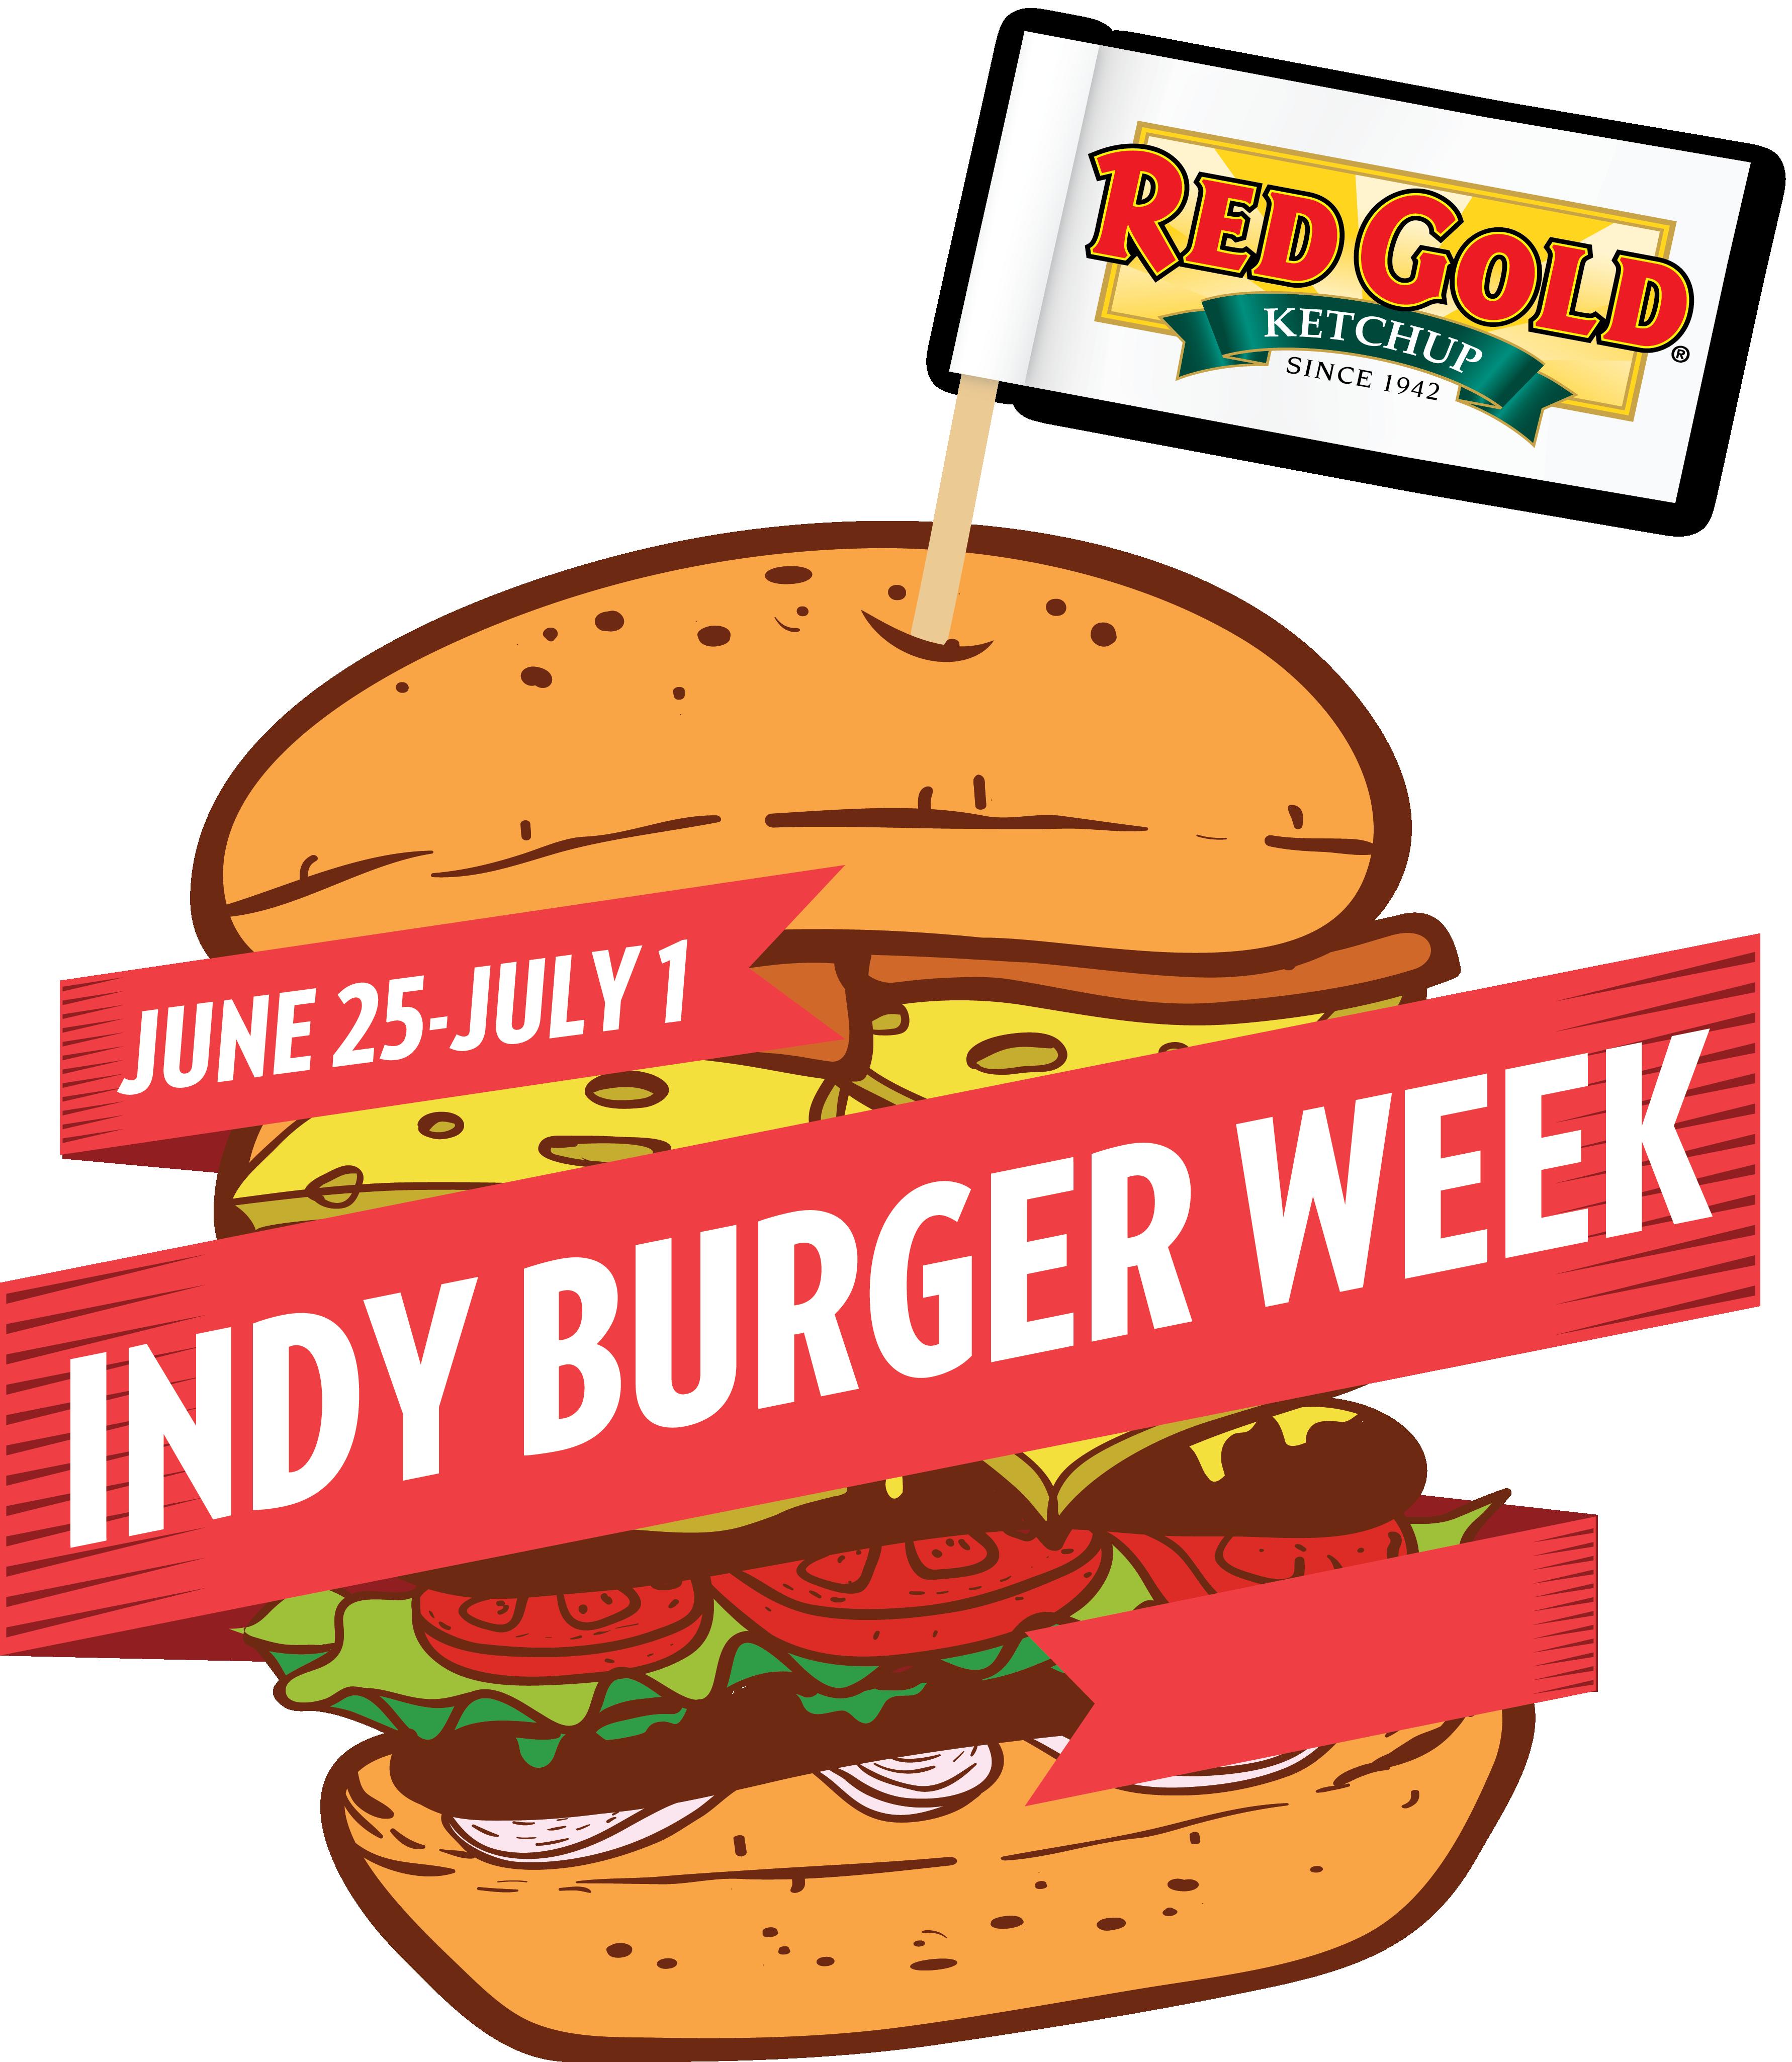 Indy week indyburgerweek com. Clipart restaurant burger restaurant